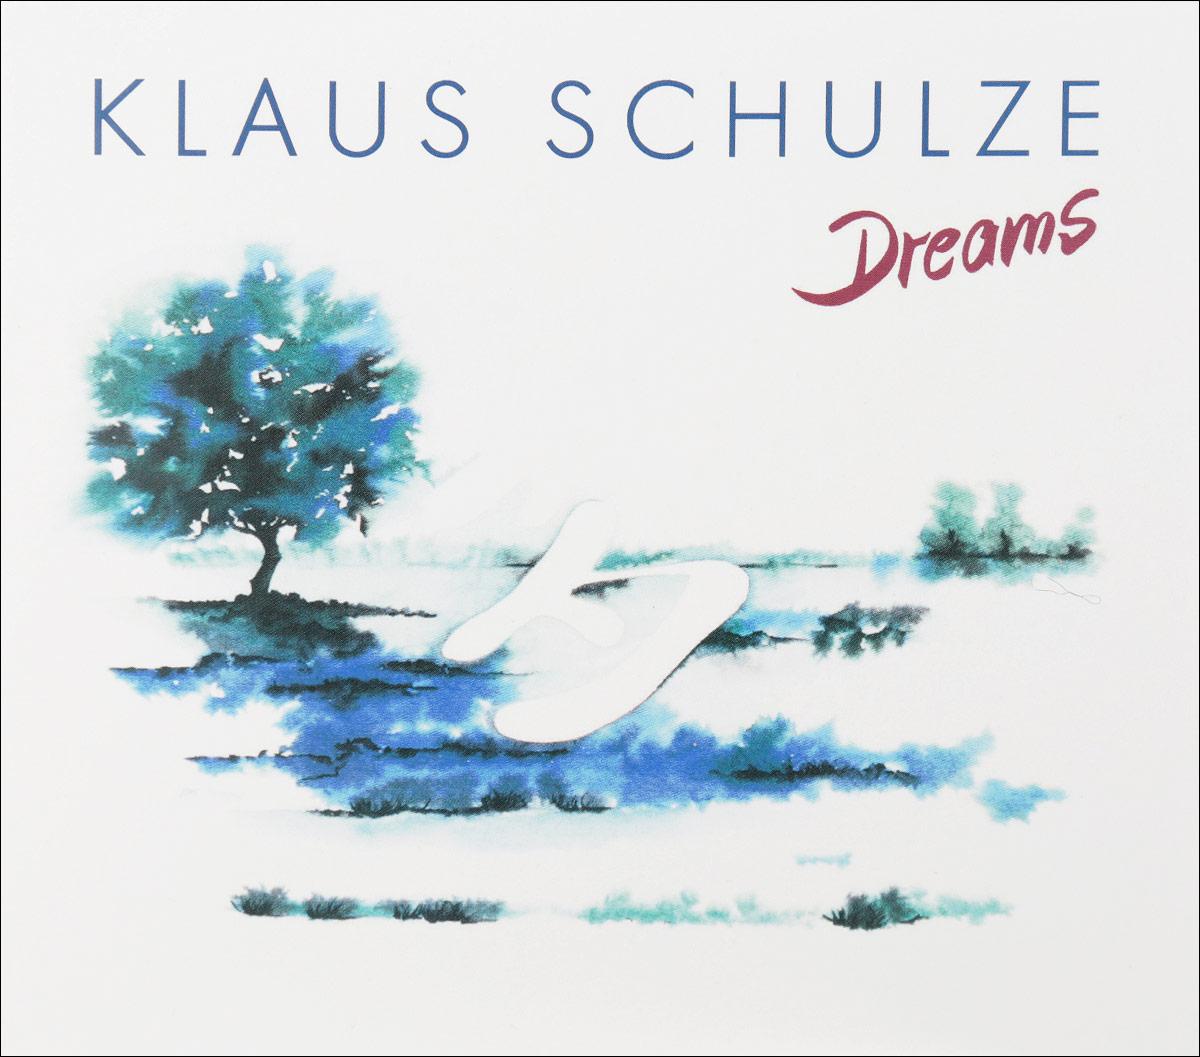 Klaus Schulze. Dreams